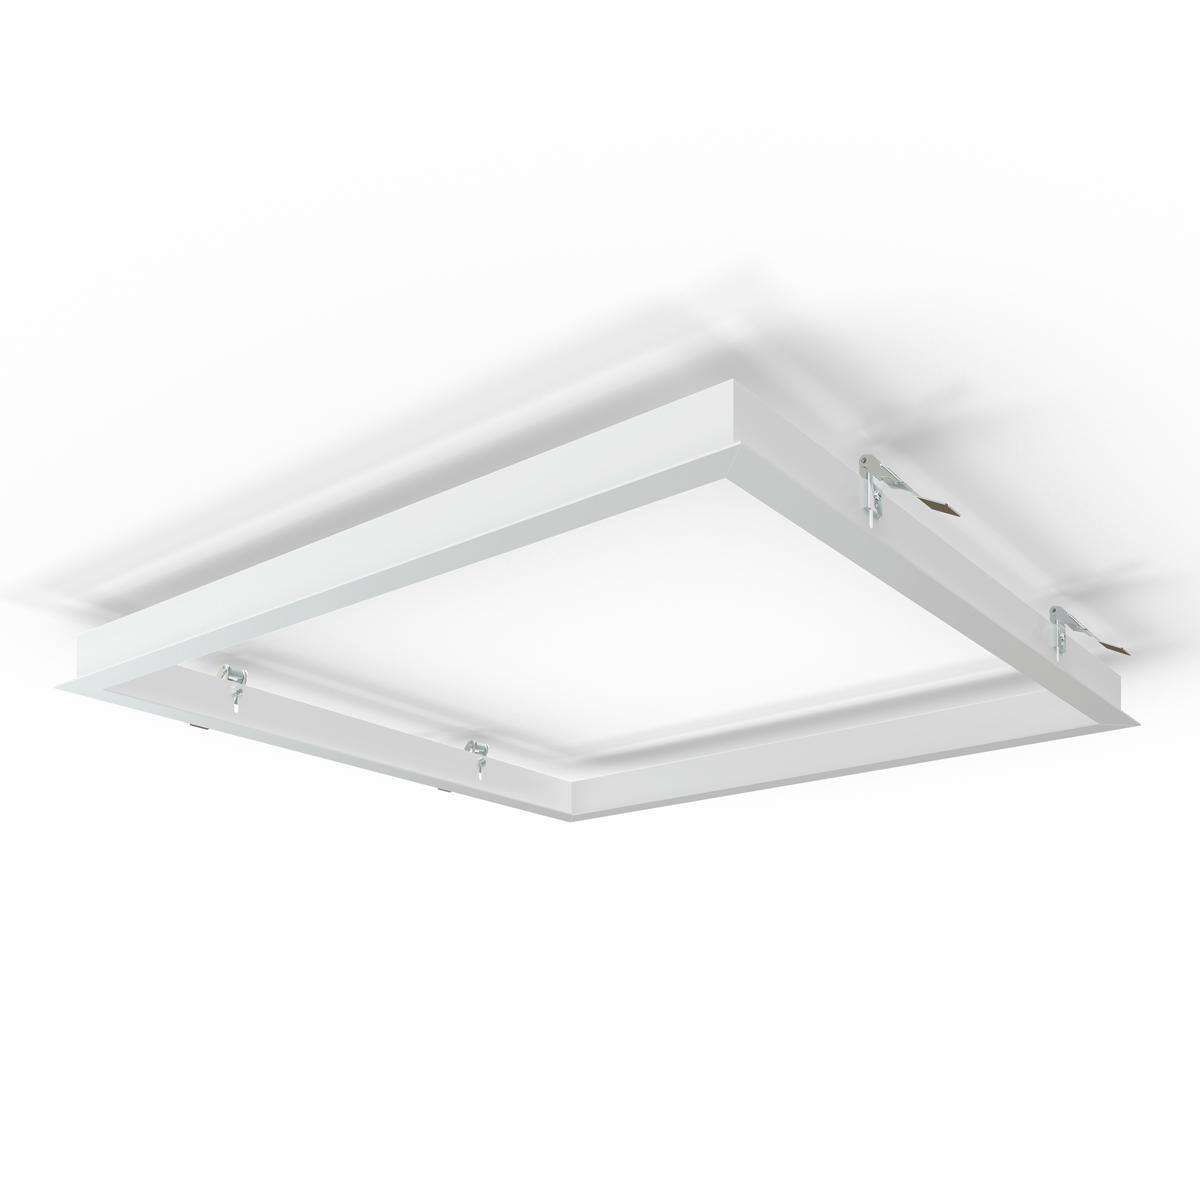 LED Panel Einbaurahmen 62x62cm weiß Deckeneinbau Montagerahmen für Rigipskartondecke